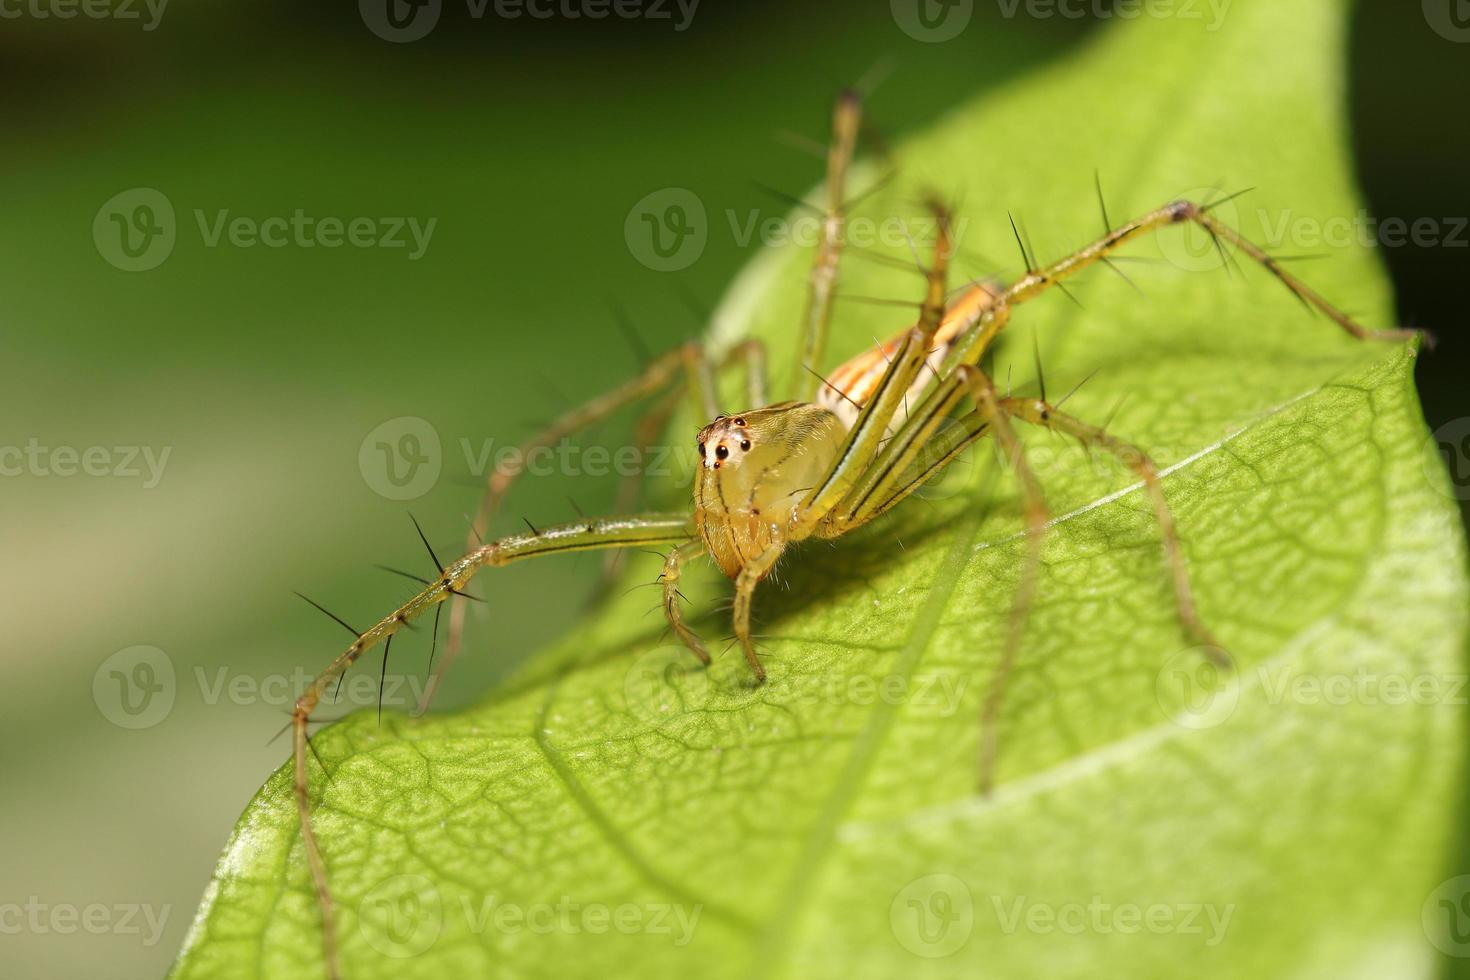 araña saltando en el bosque lluvioso foto